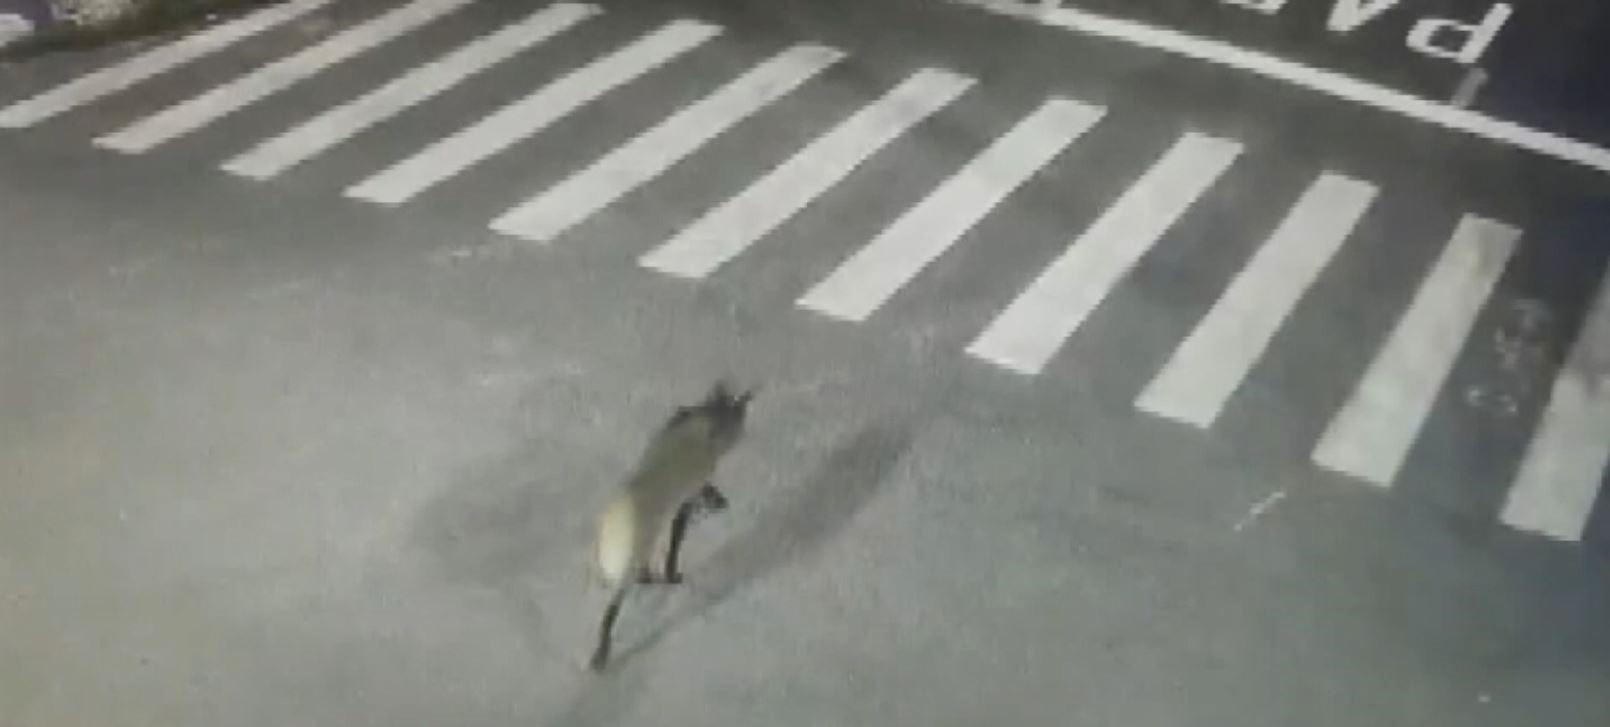 Câmeras de segurança flagram lobo-guará passeando pelo centro de Jaguariúna; VÍDEO